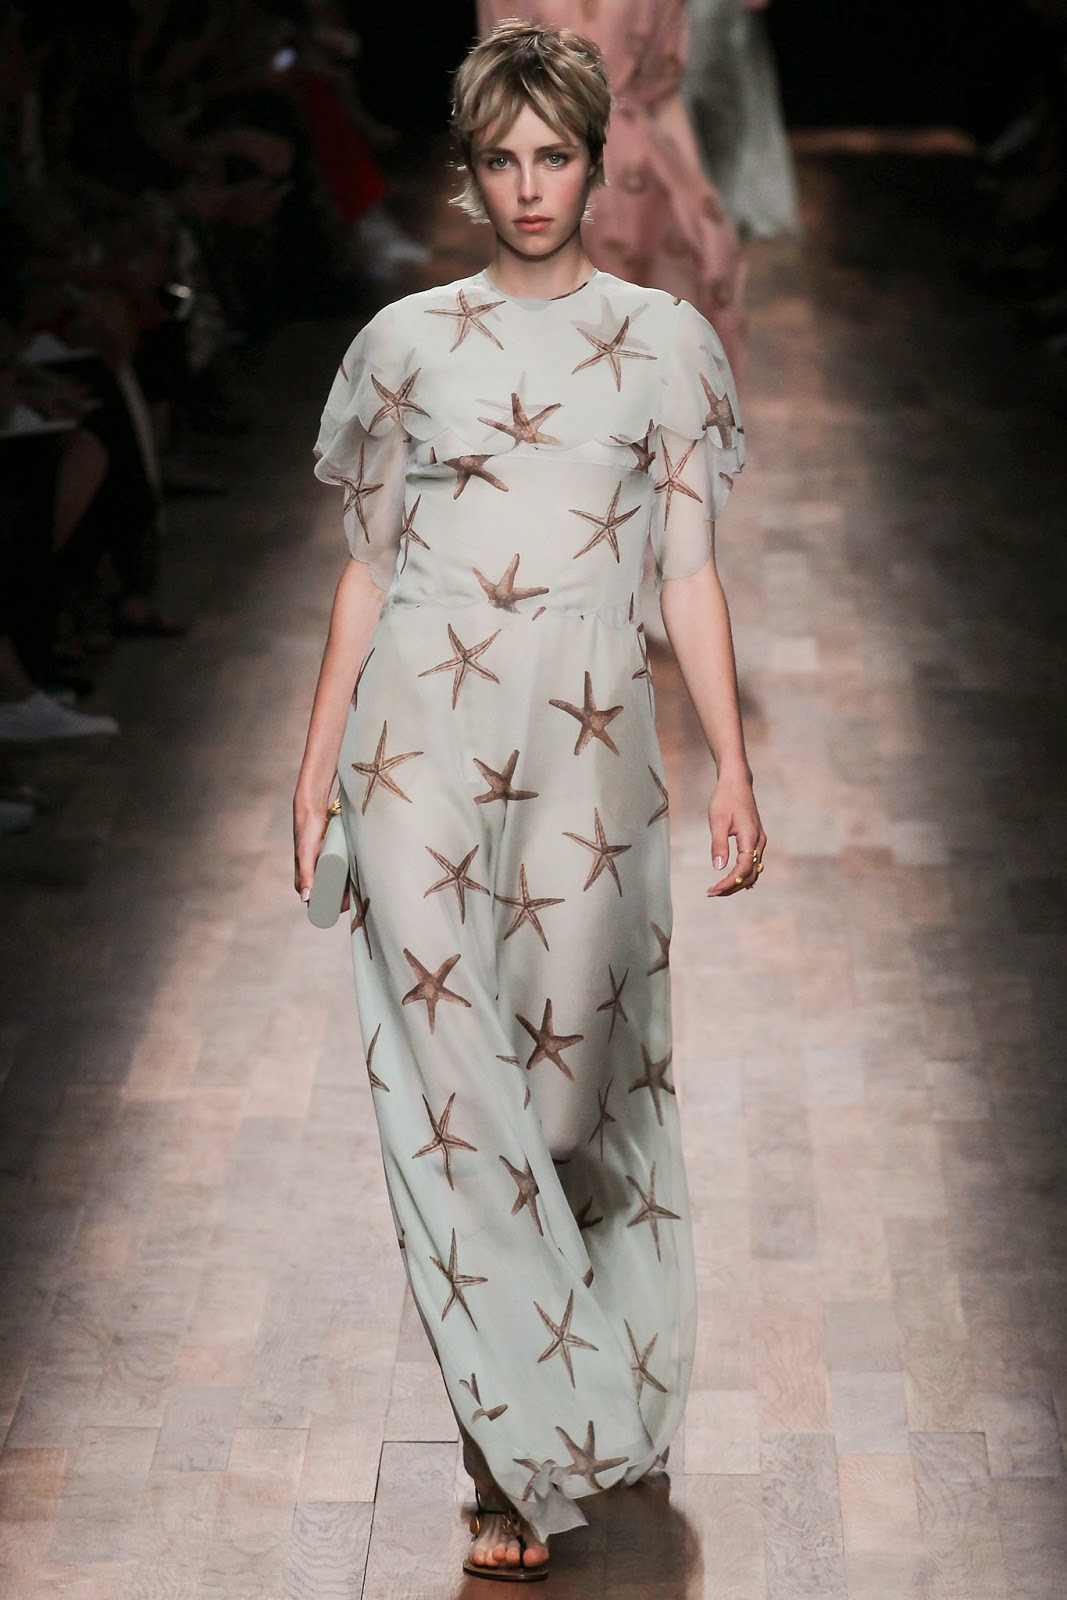 valentino 2015 summer 2016 trend women dress88 Valentino 2015 samling, våren sommaren 2016 Valentino klänning modeller, Valentino kväll klänning nya säsongen kvinnors kjolar modeller